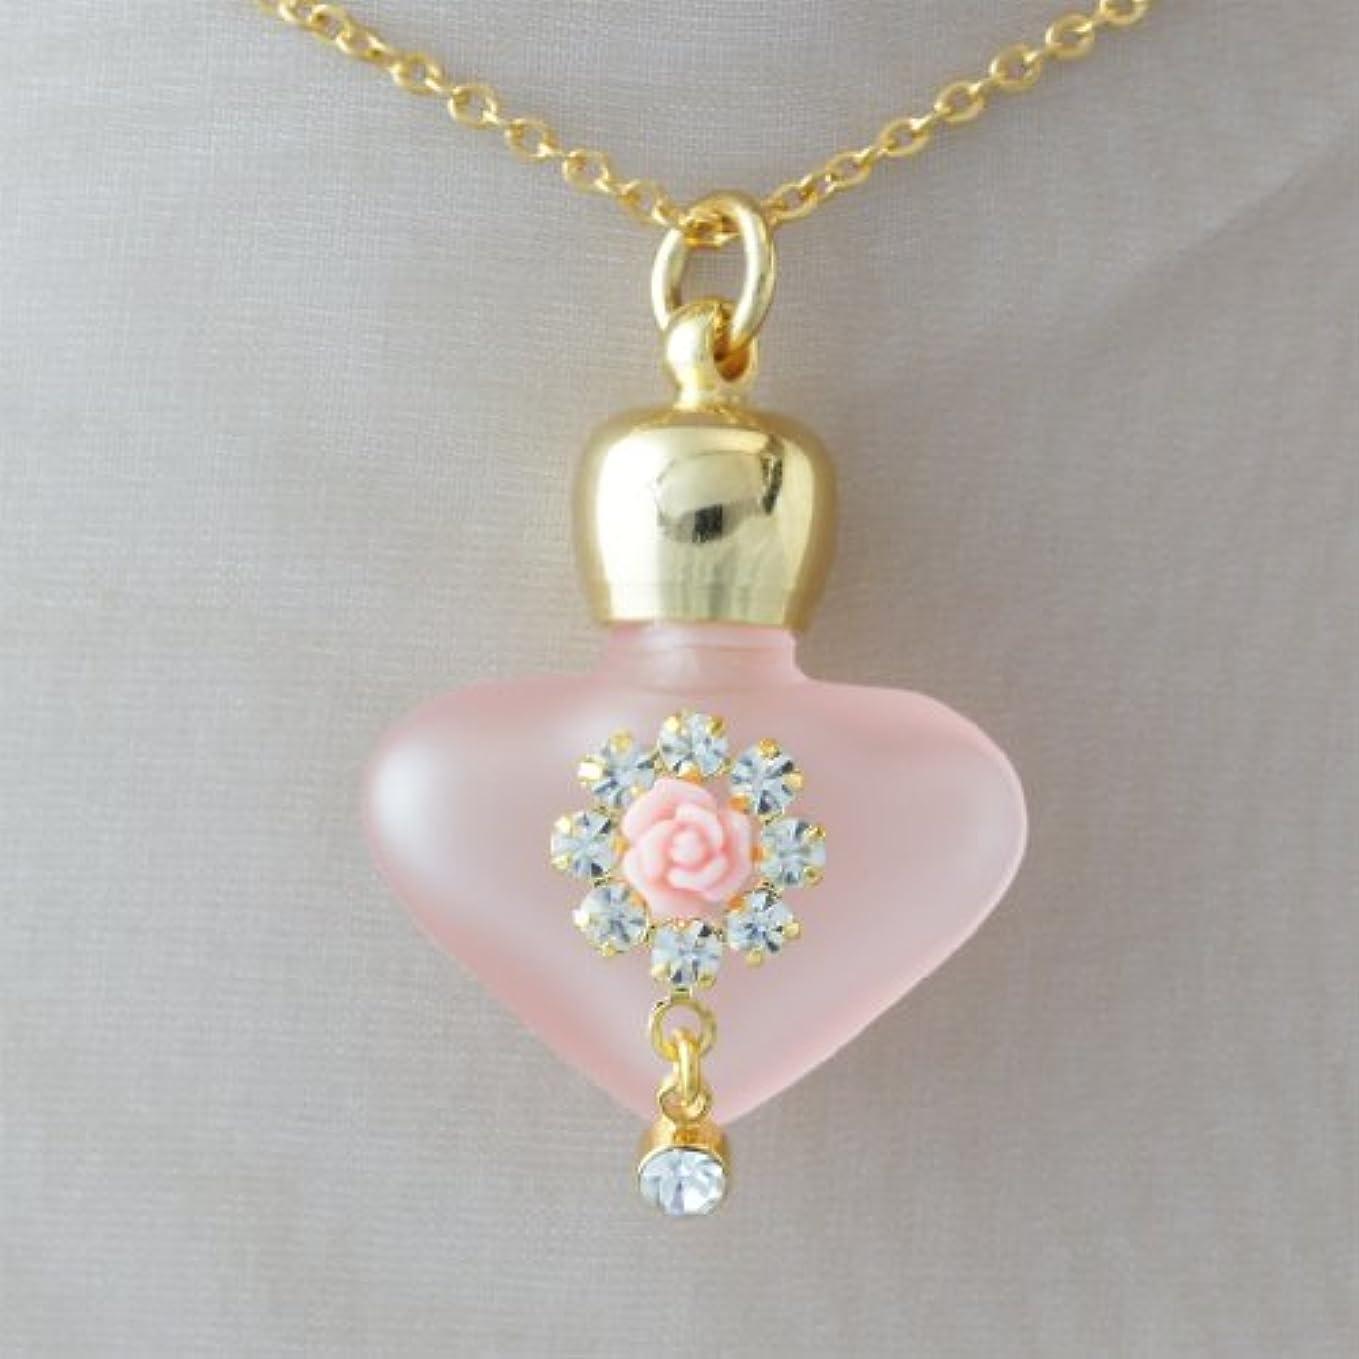 中国アボート薄暗い【天使の小瓶】 ハートフラワー (ピンク)